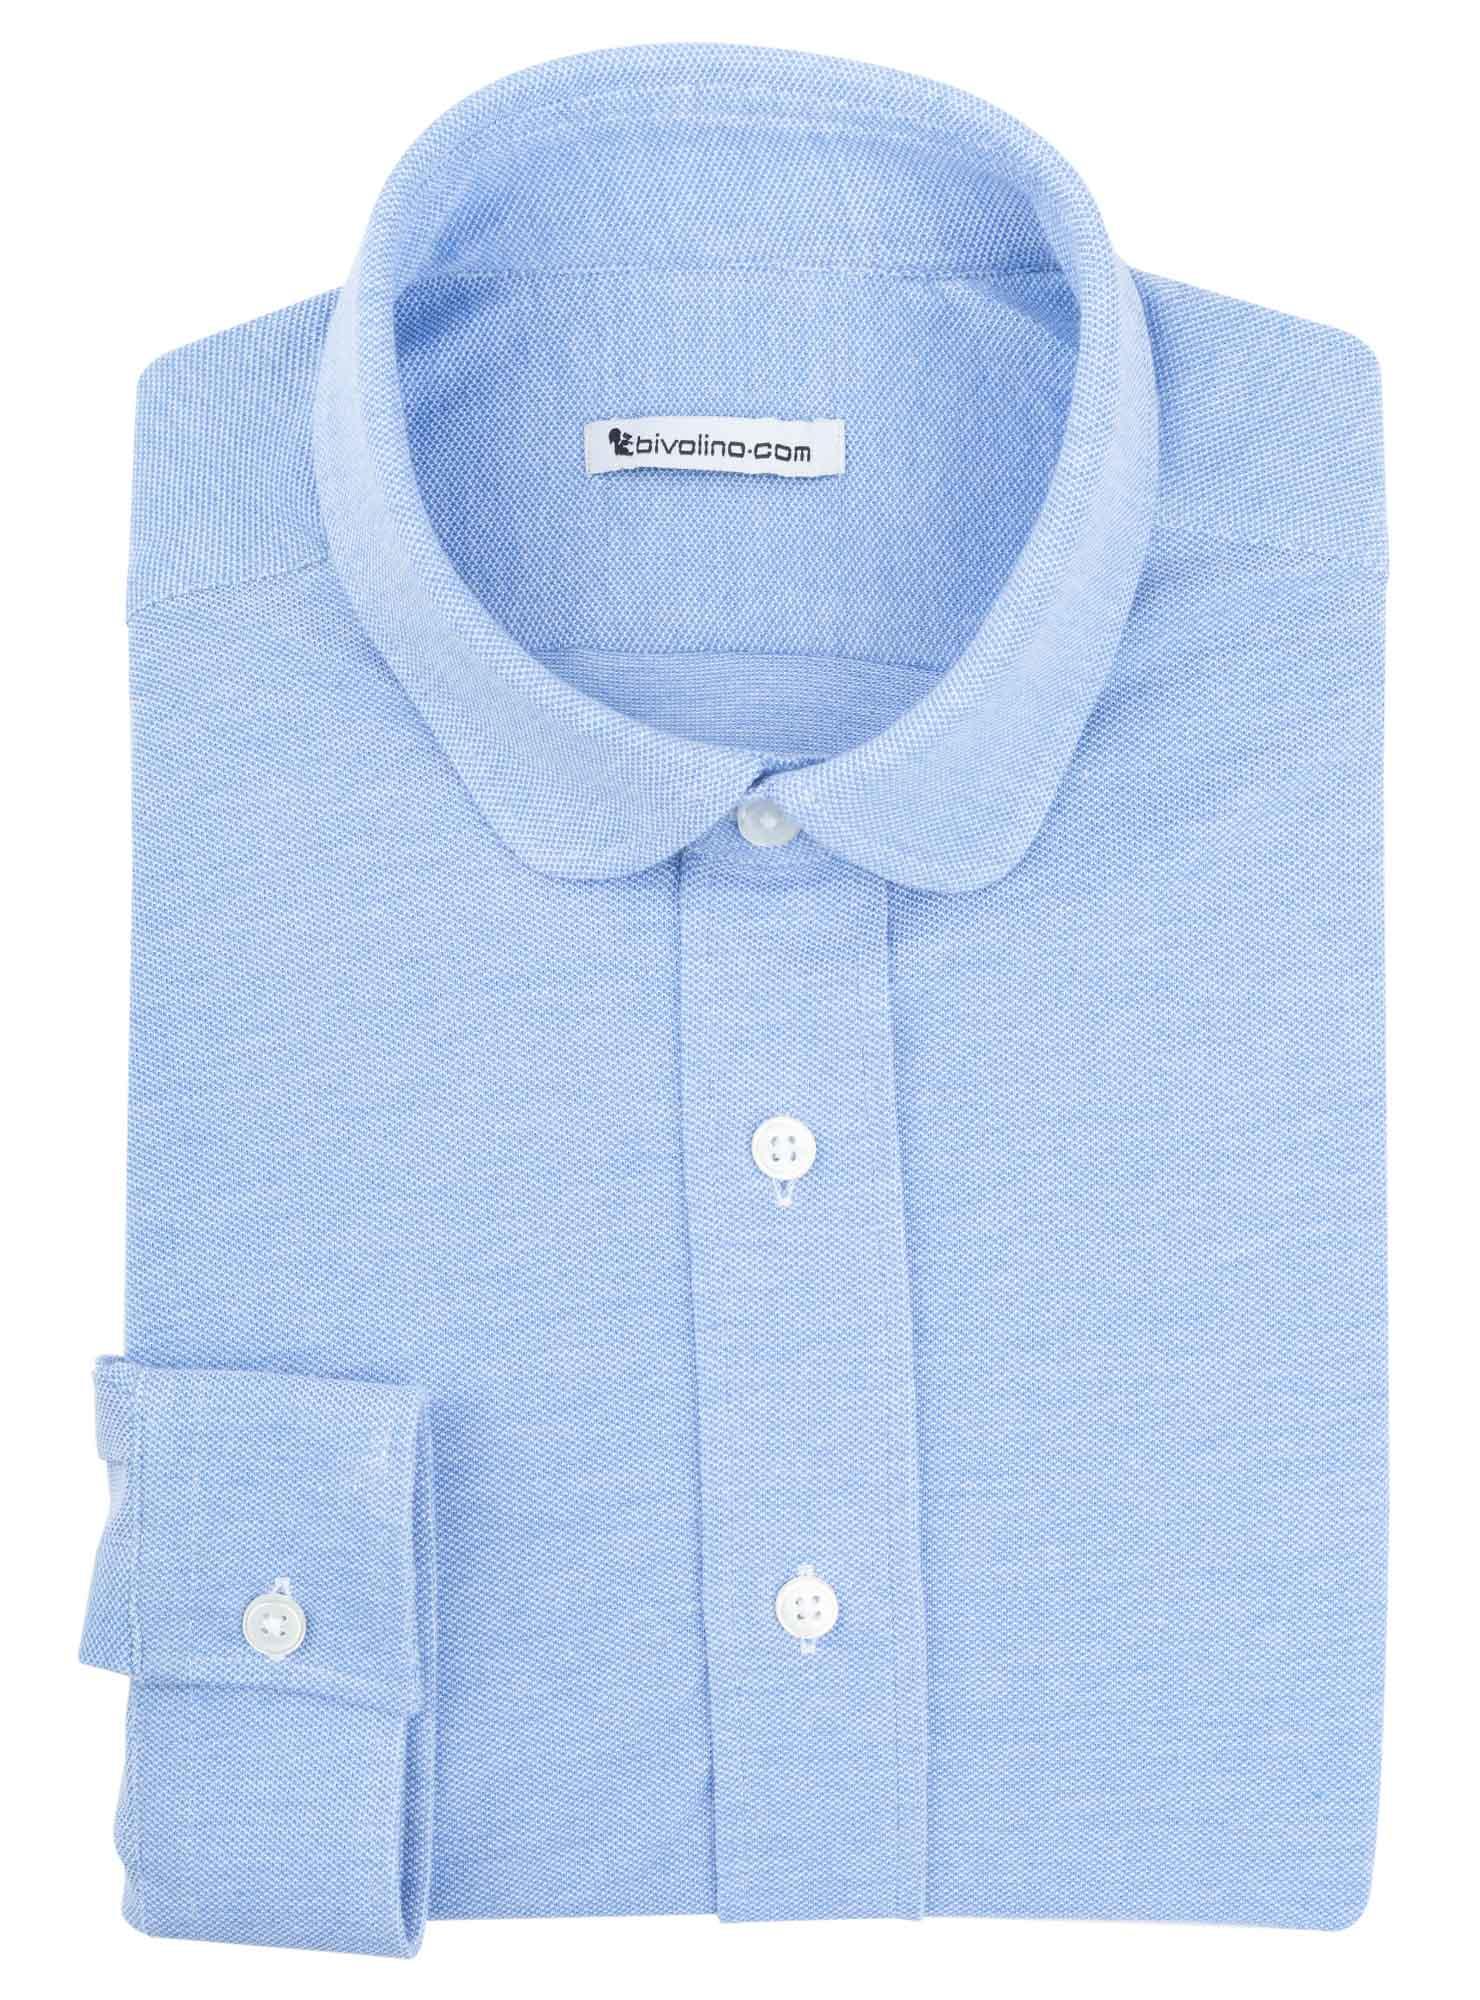 JERSILOINI - 100% coton piqué Jersey weiss  JERSILI 2